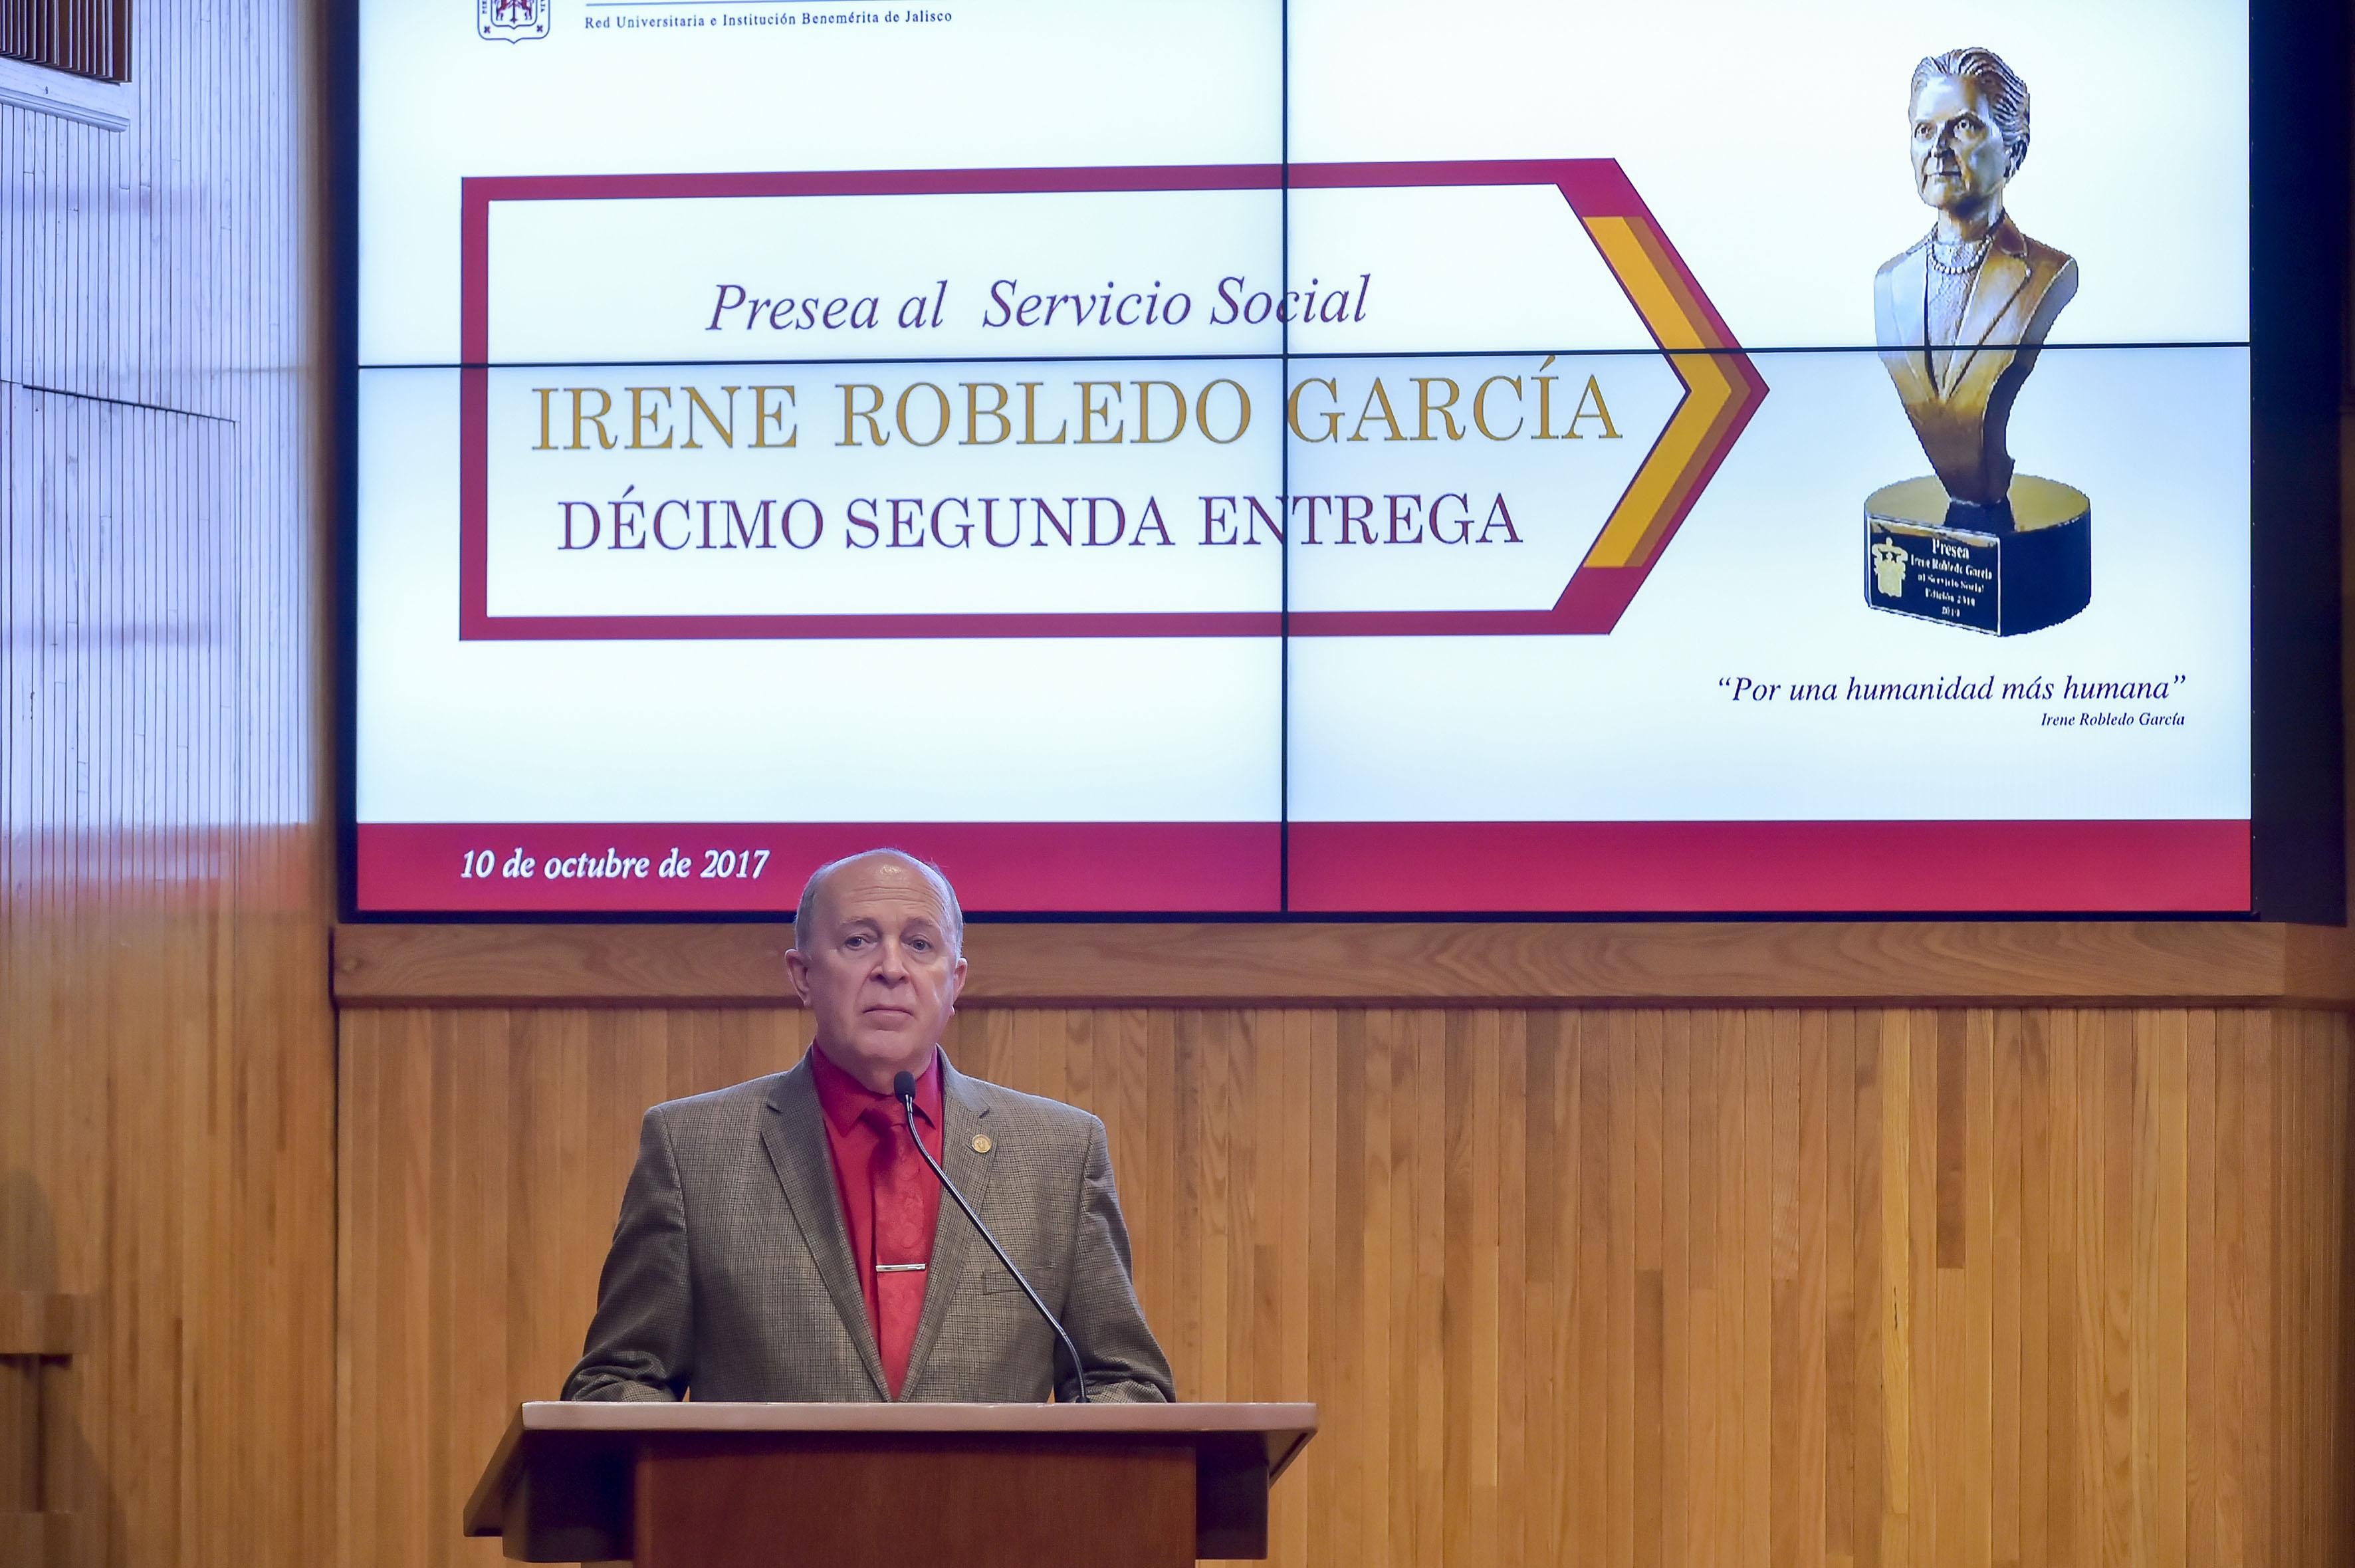 Dr Miguel Ángel Navarro Navarro, Vicerrector Ejecutivo de esta Casa de Estudio, haciendo uso de la palabra